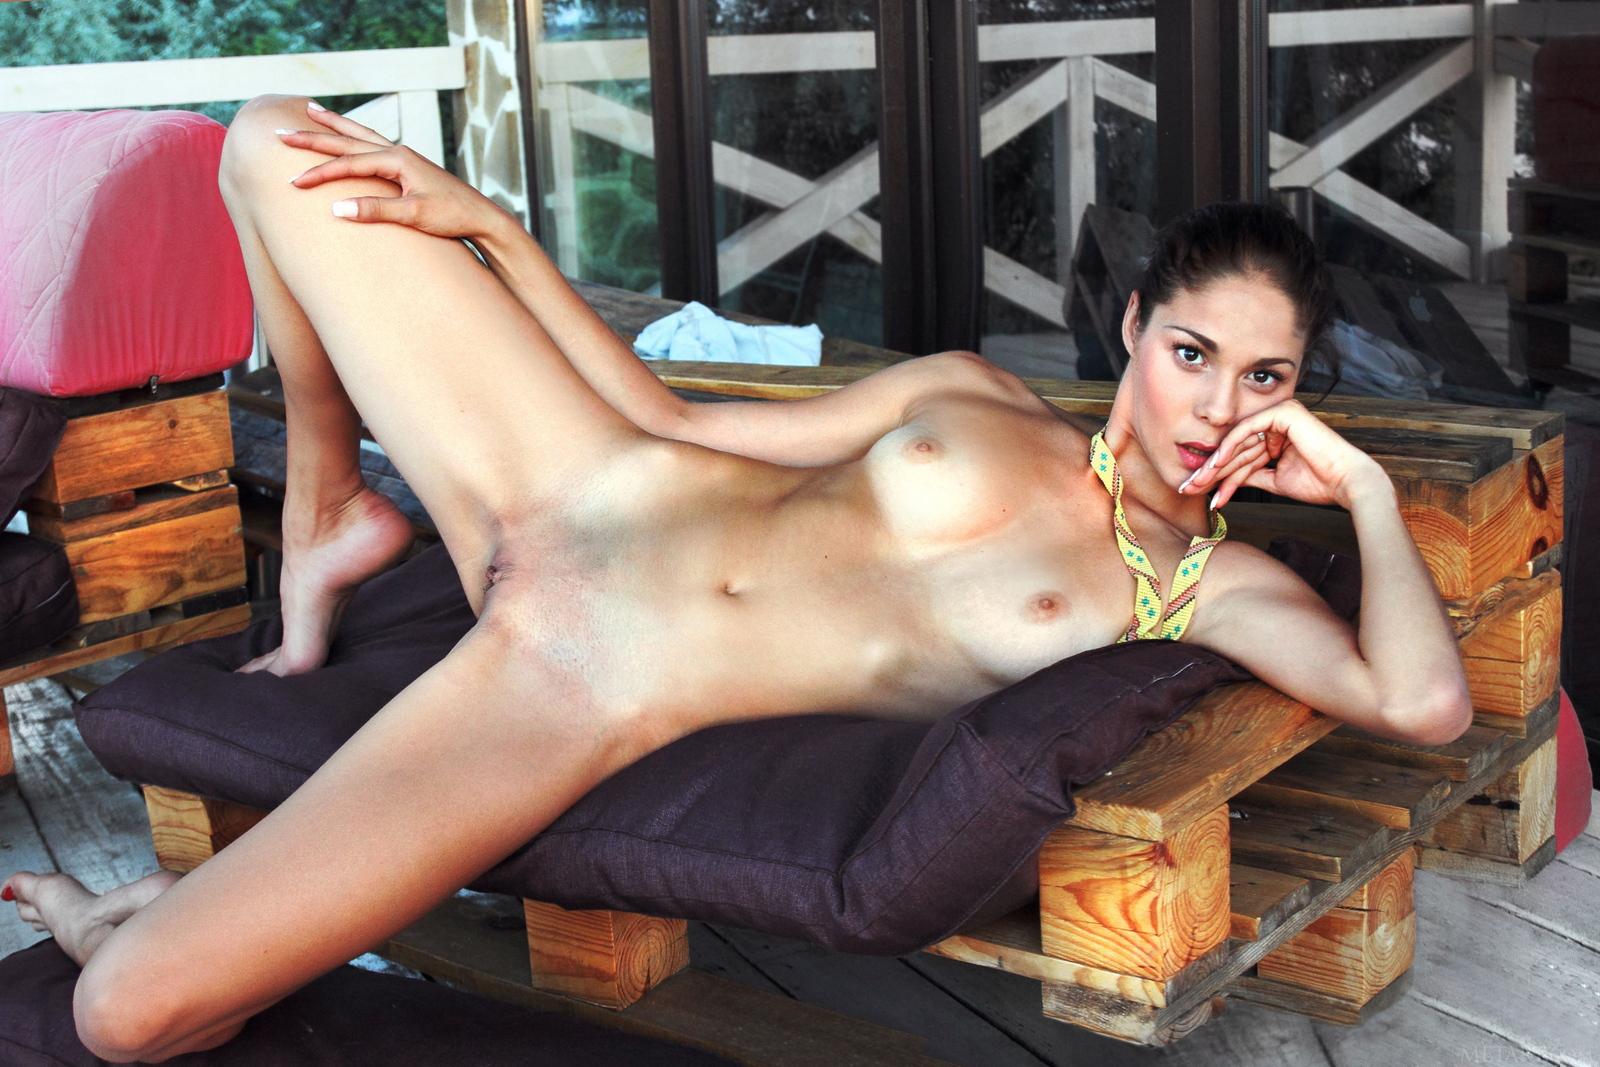 cаllistа-b-nude-denim-dungarees-brunette-met-art-42